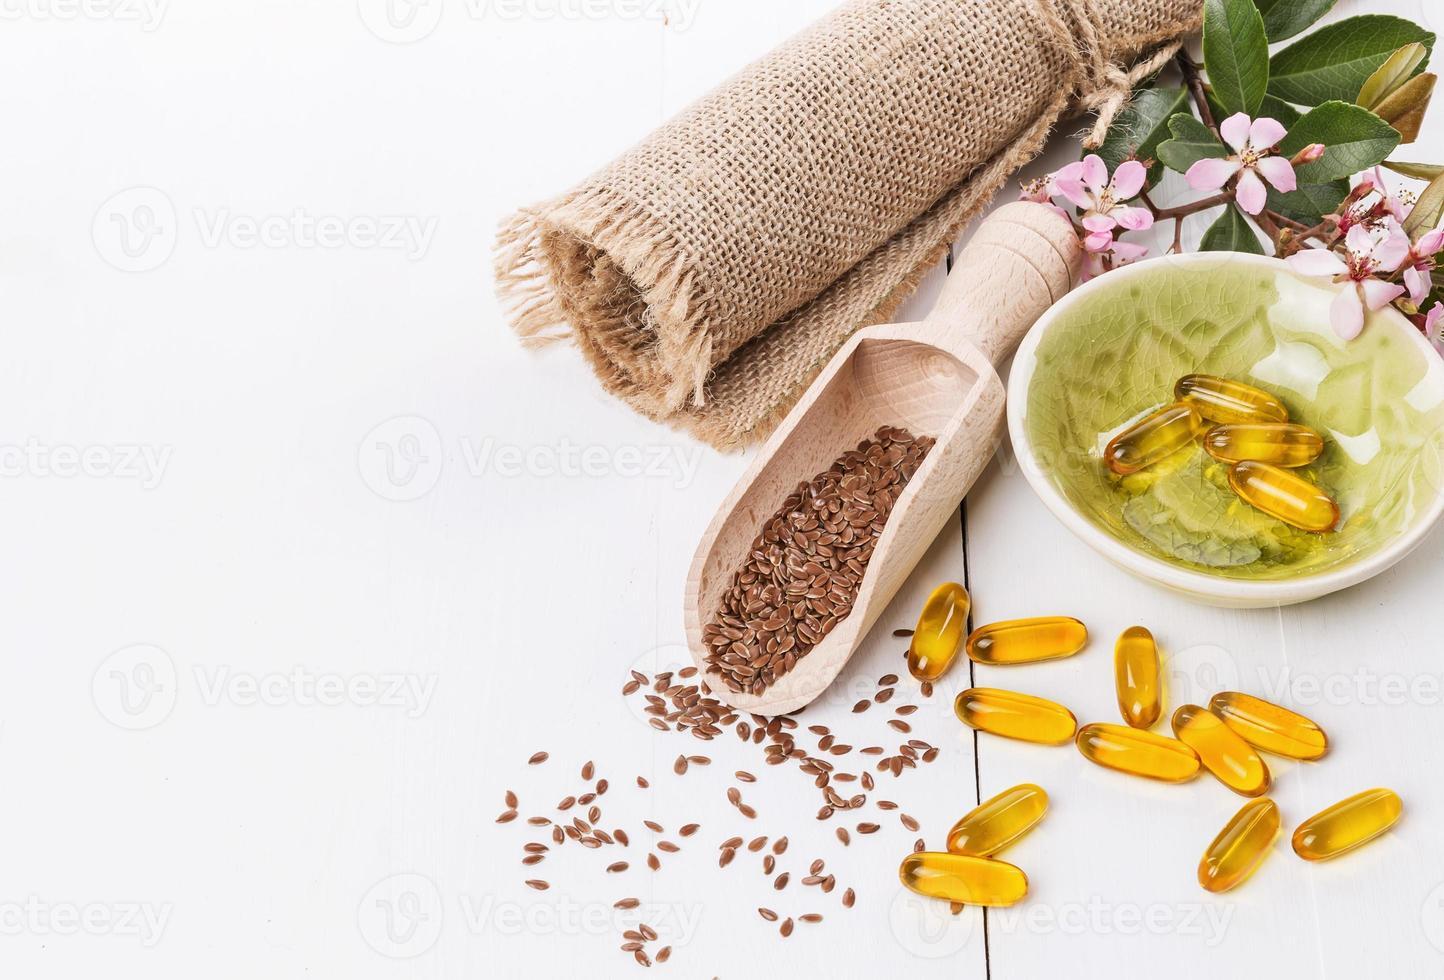 semi di lino e capsule di olio di semi di lino su sfondo bianco foto